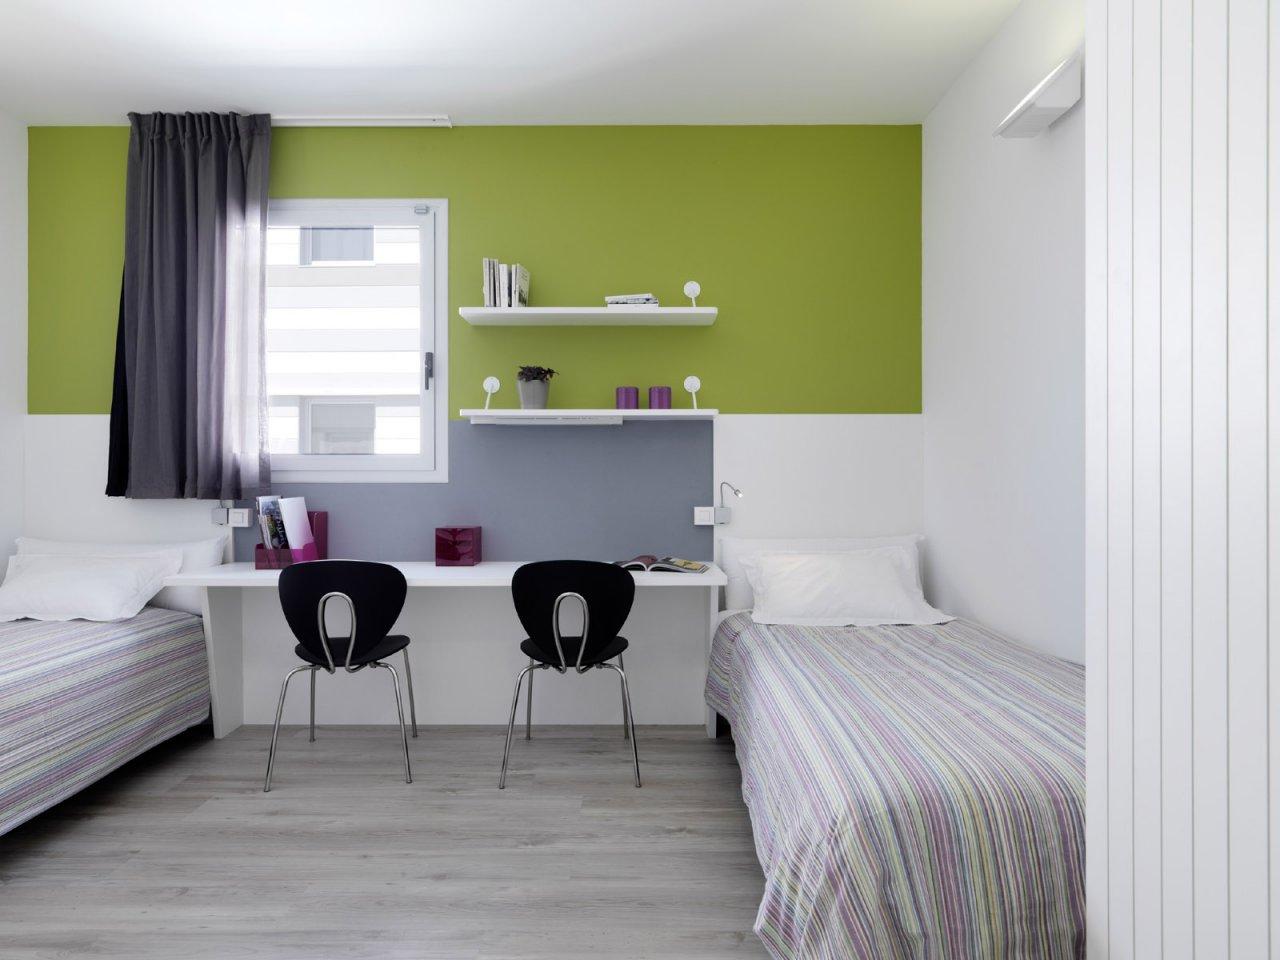 Habitaci n compartida en residencia universitaria una for Habitaciones para universitarios